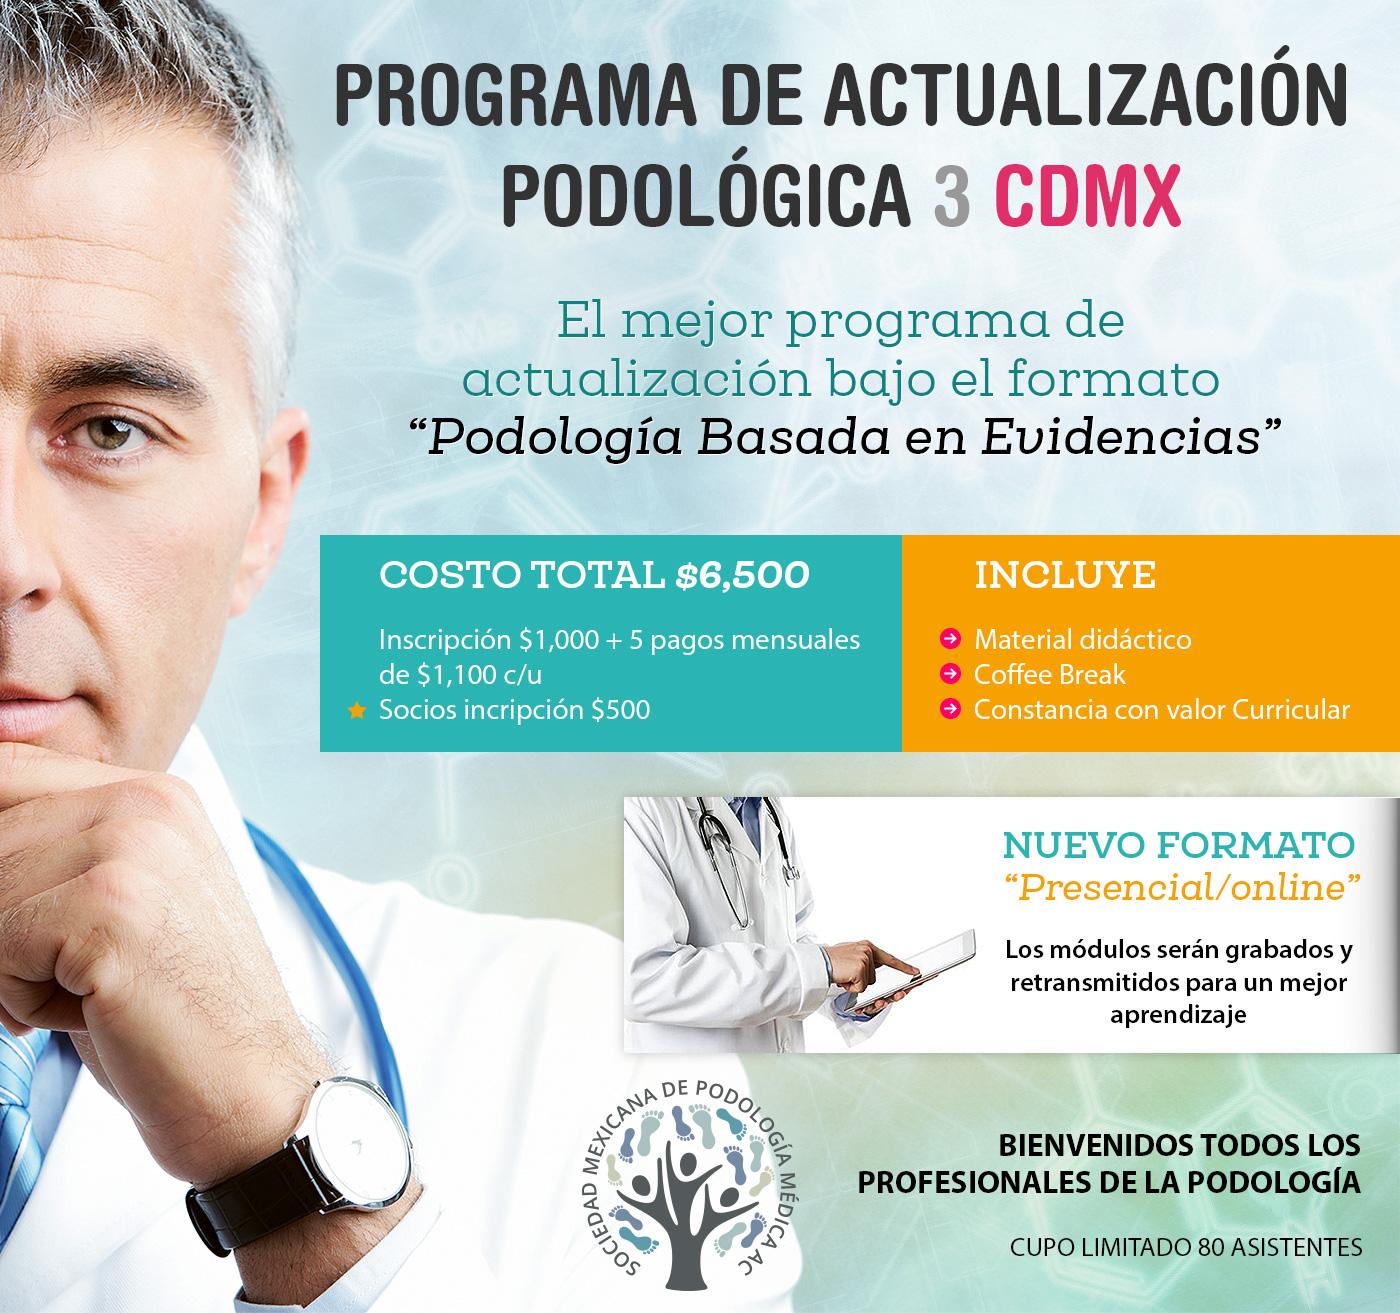 programa de actualización podológica 3 CDMX